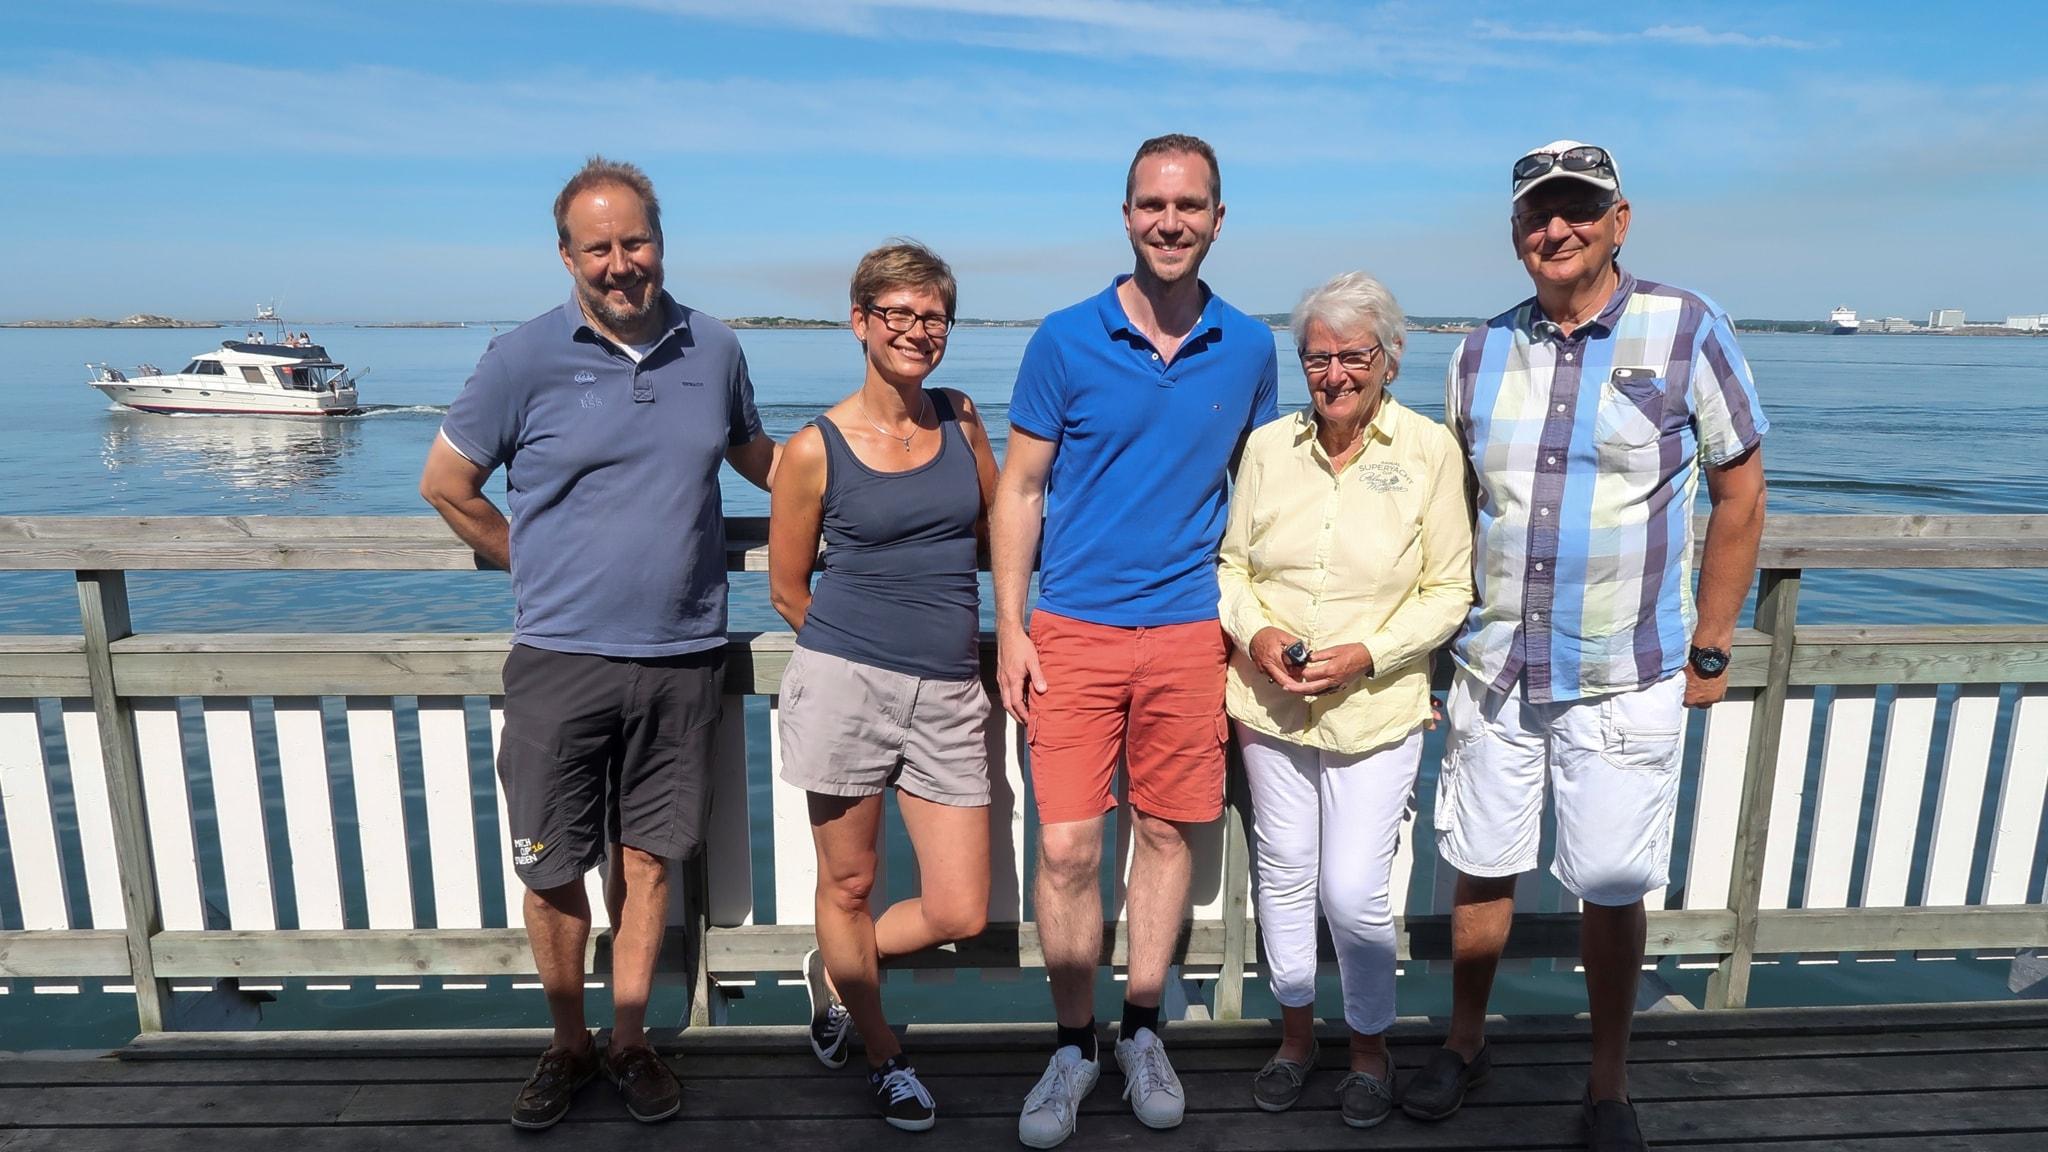 Pelle Swanbeck, kursansvarig på GKSS, Ulrika Avedal Åberg, Magnus Bergqvist, kursdeltagare, Ulla och Mats Wångdahl, långseglingsveteraner.